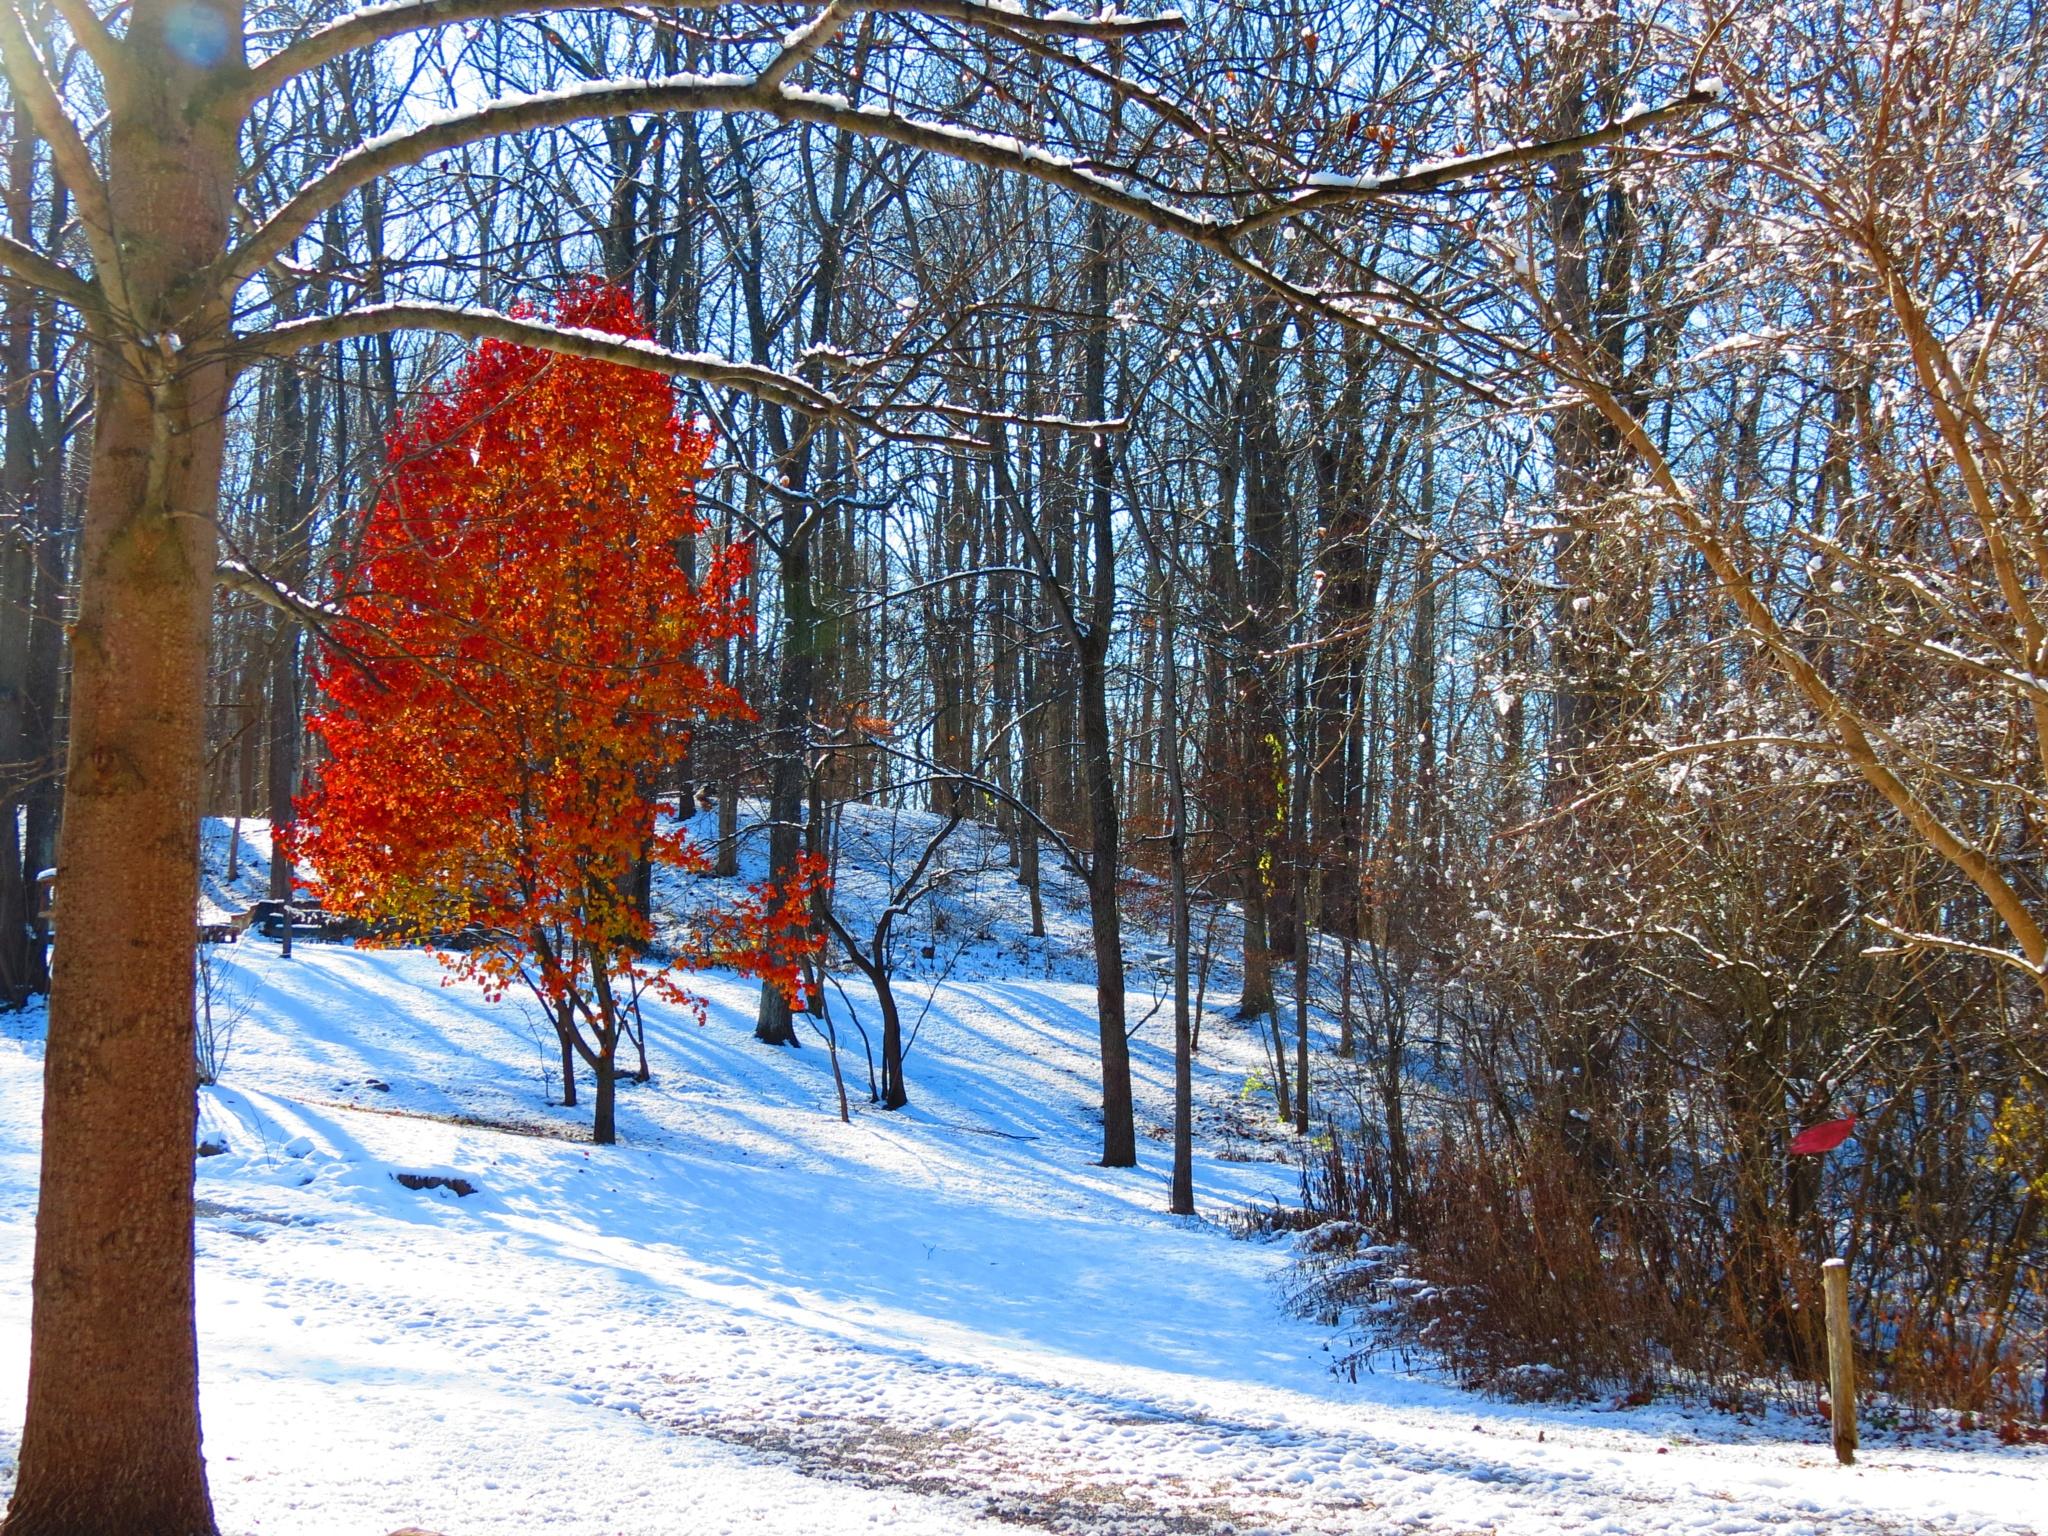 Autumn's last blaze by Dennis Ritter